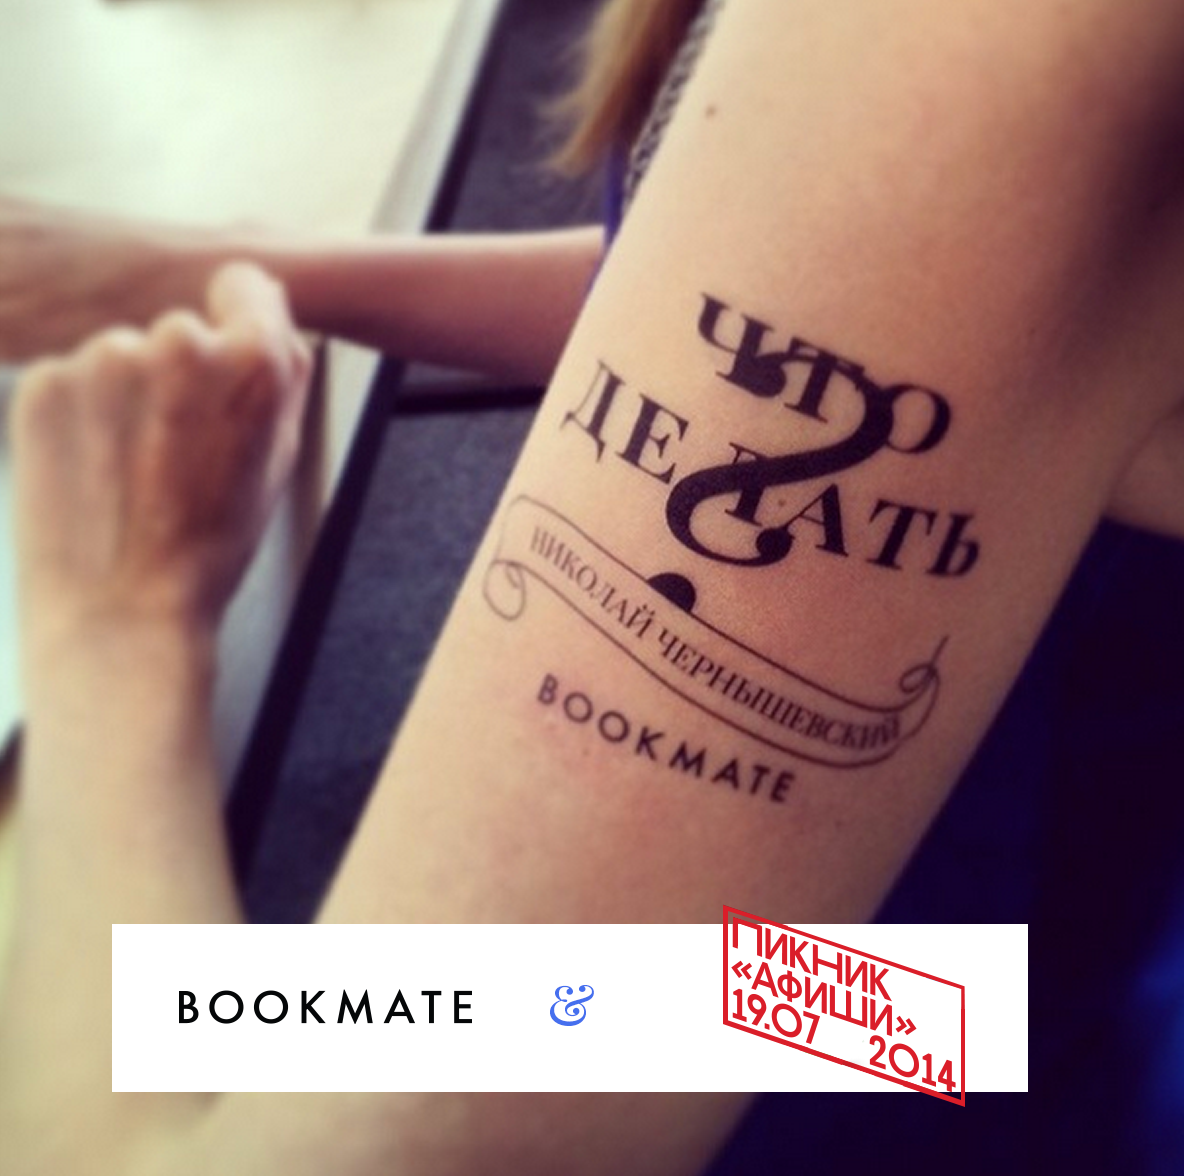 Татуировки Bookmate, которые компания раздавала на «Пикнике Афиши»